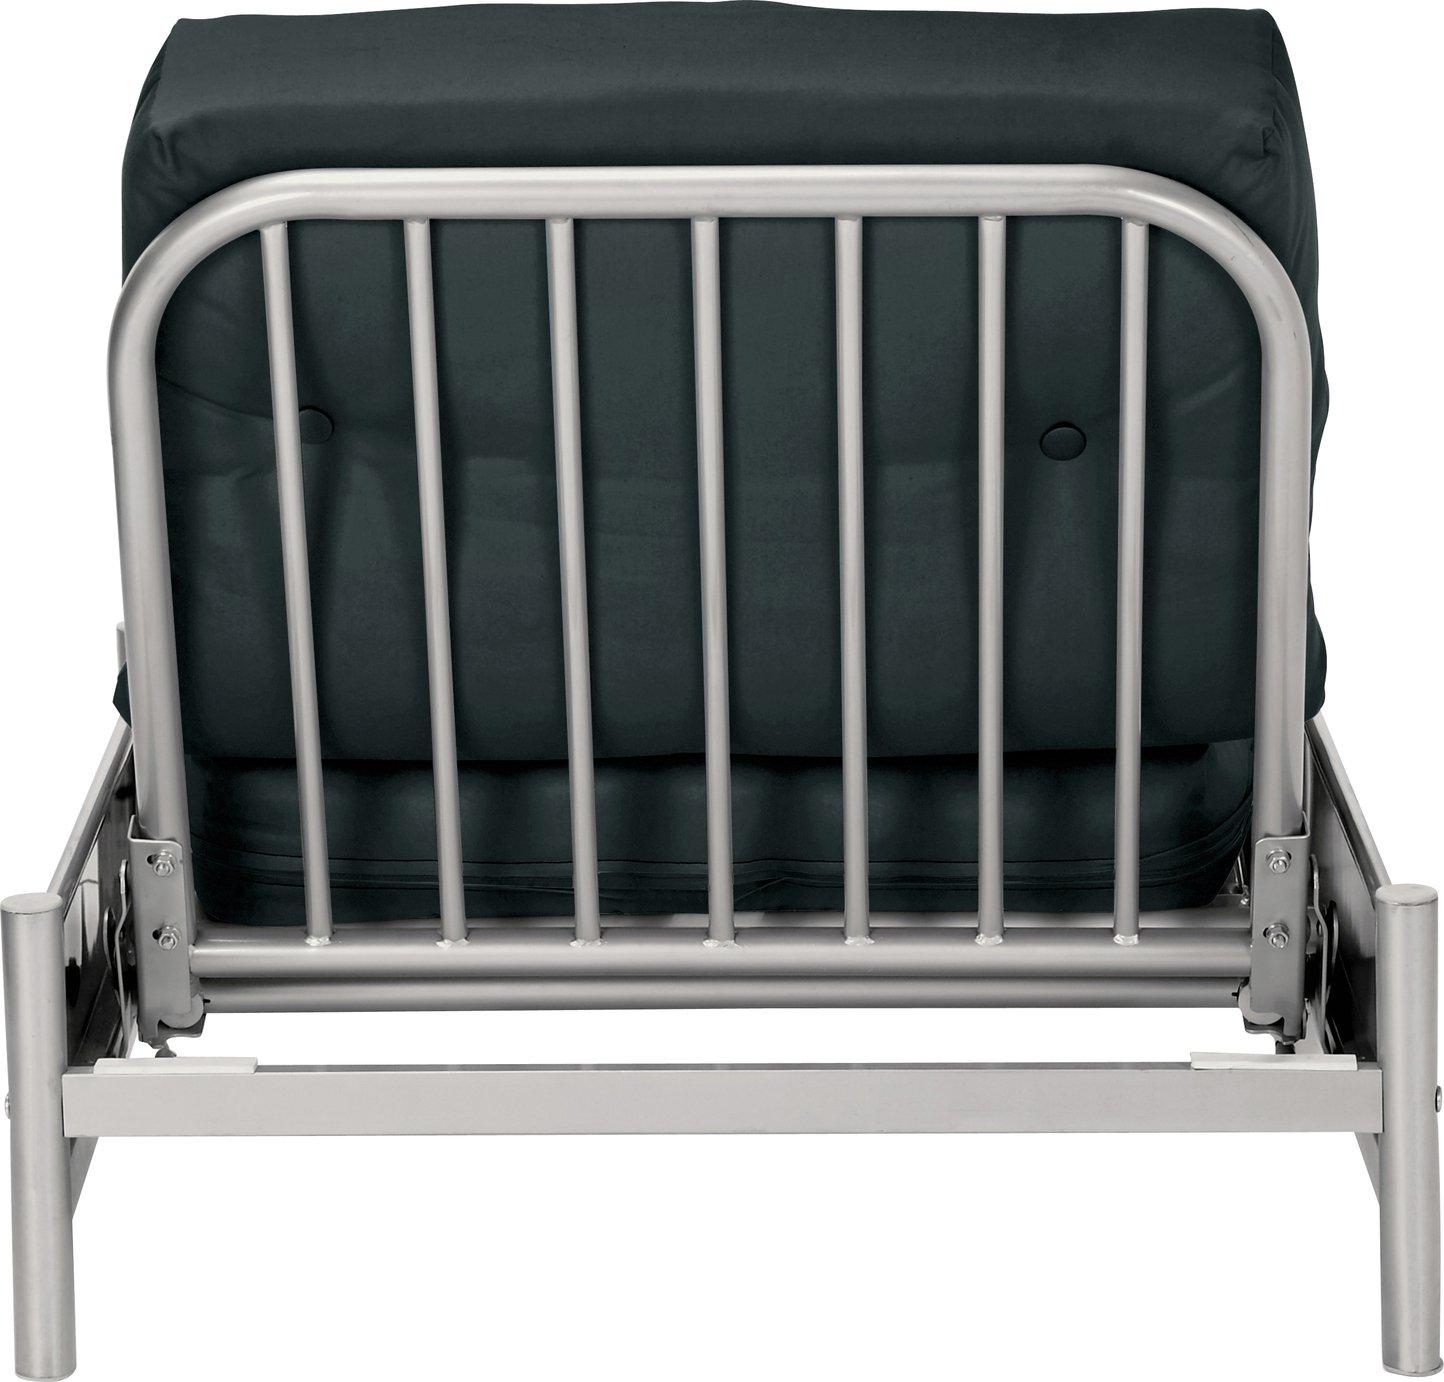 Argos Home Single Futon Metal Sofa Bed with Mattress – Black £130.00 @ Argos